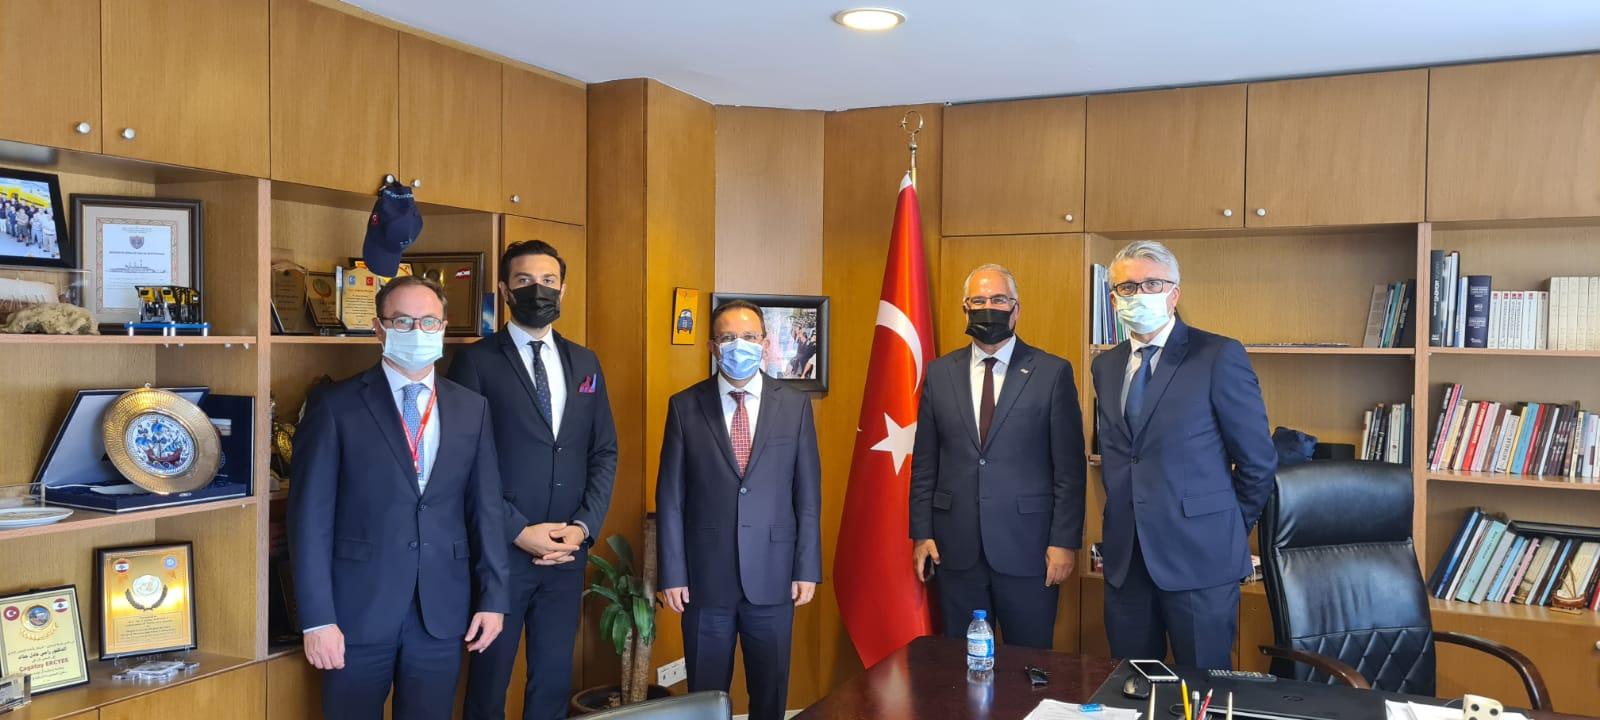 UND, Dışişleri Bakanlığı İkili Siyasi İşler ve Denizcilik, Havacılık, Hudut Genel Müdürü Büyükelçi Sayın Çağatay Erciyes'i Ziyaret Etti